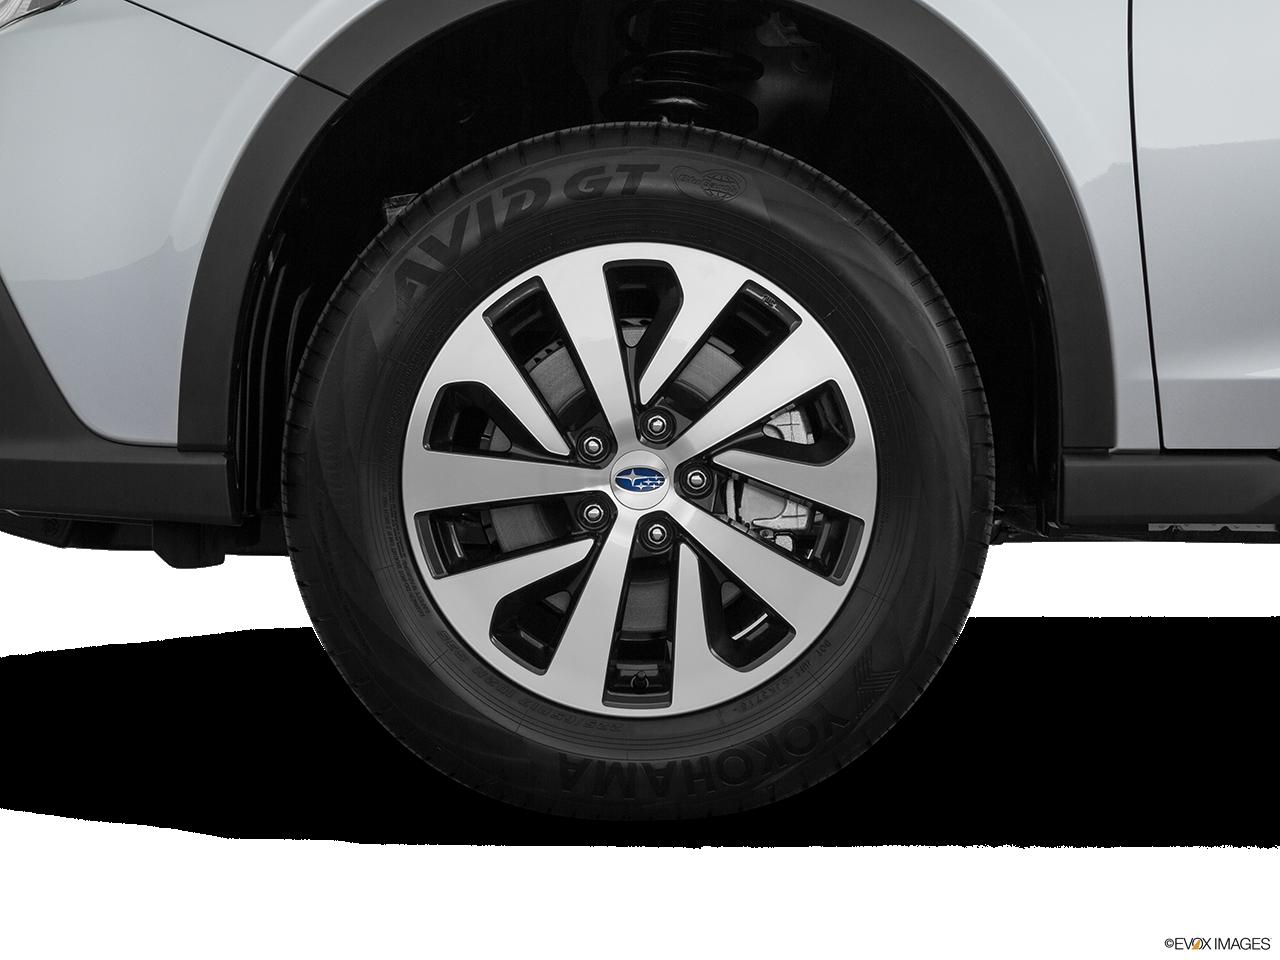 2021 Subaru Outback photo